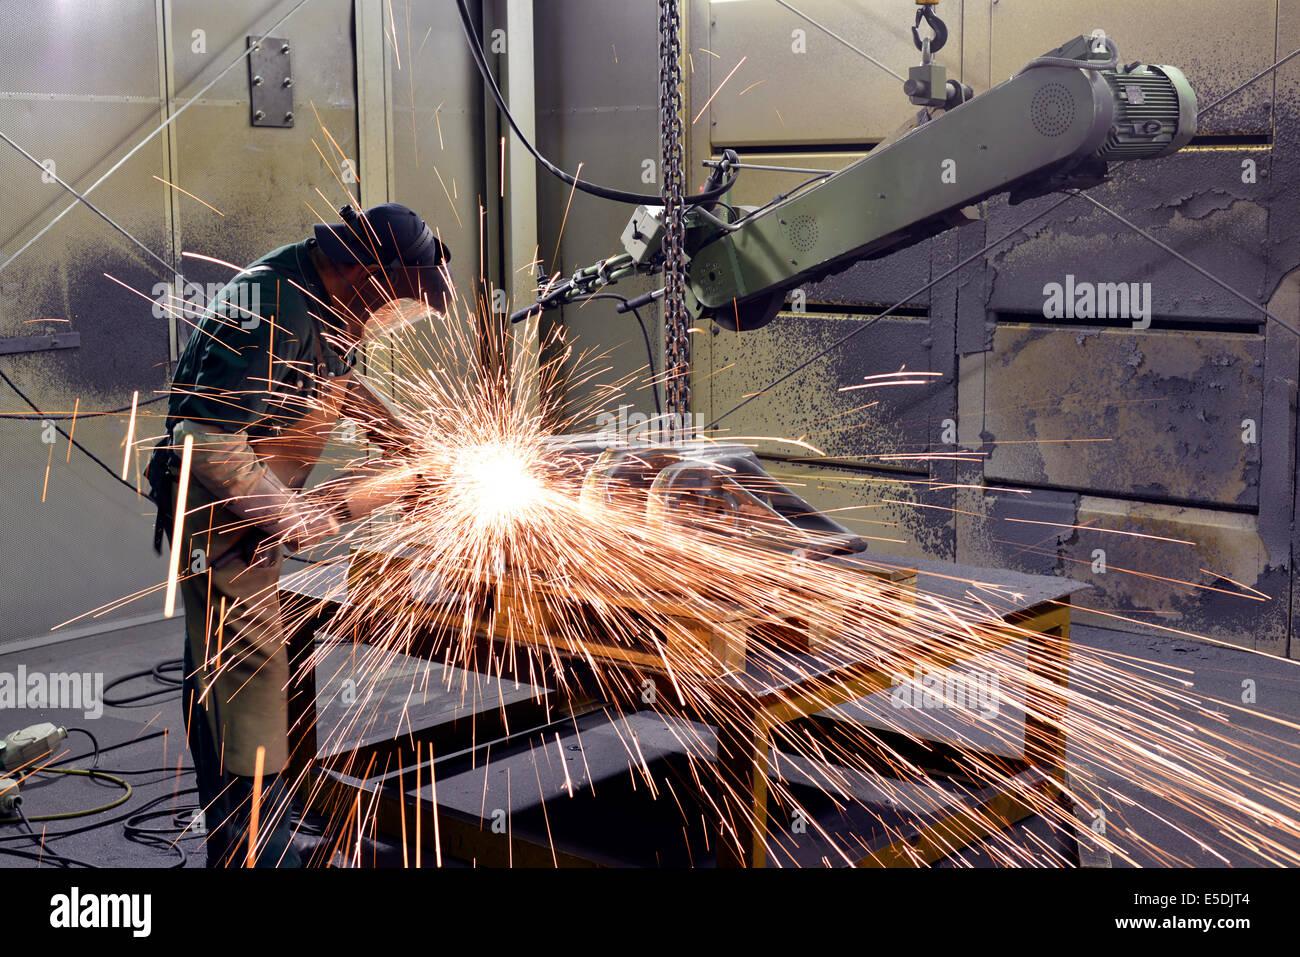 Trabajar con máquina de molienda en una fundición Imagen De Stock